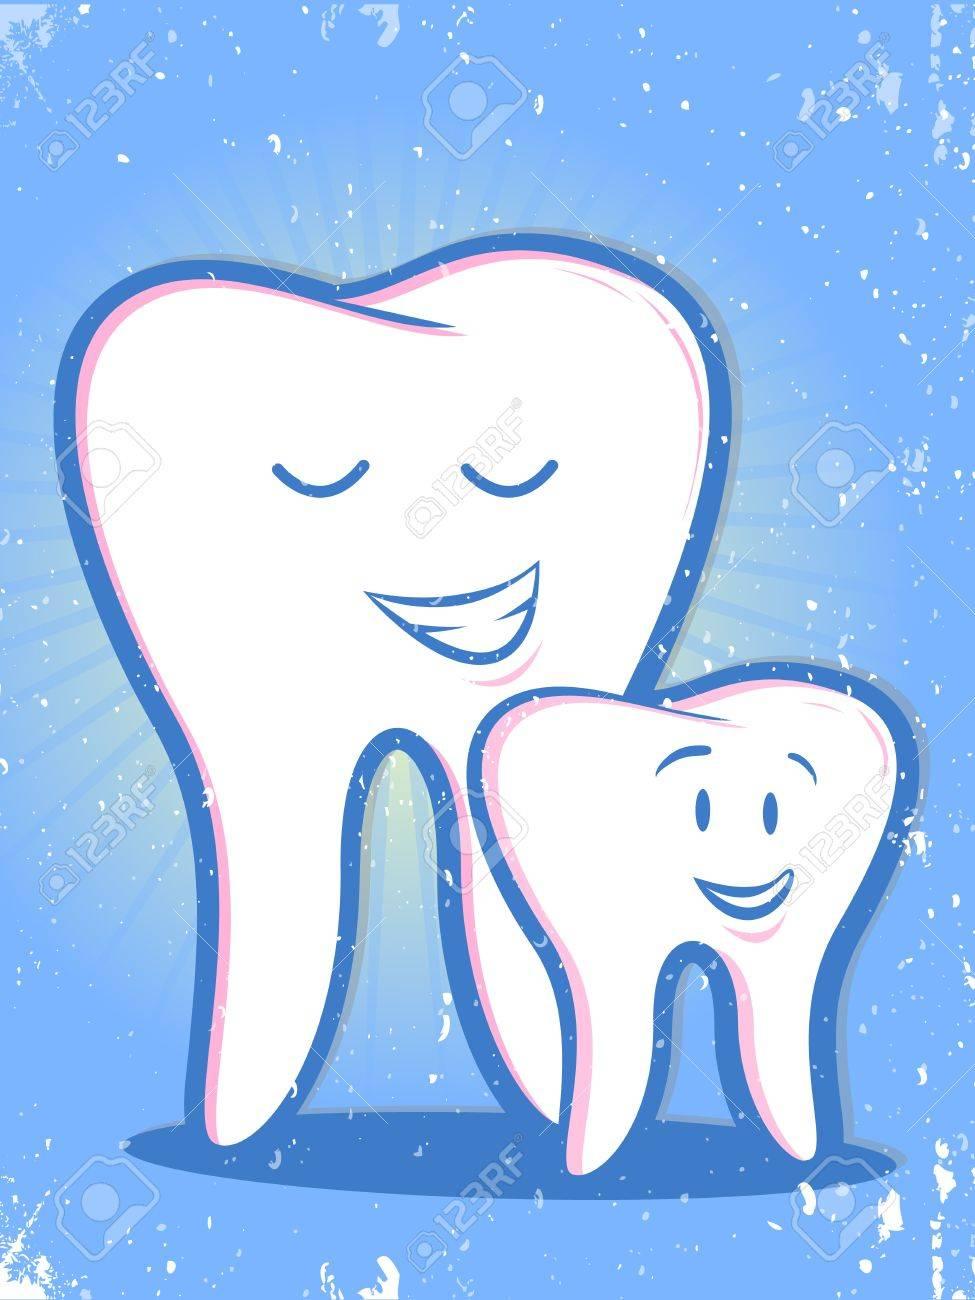 Retro Teeth Family Cartoon Royalty Free Cliparts, Vectors, And ...